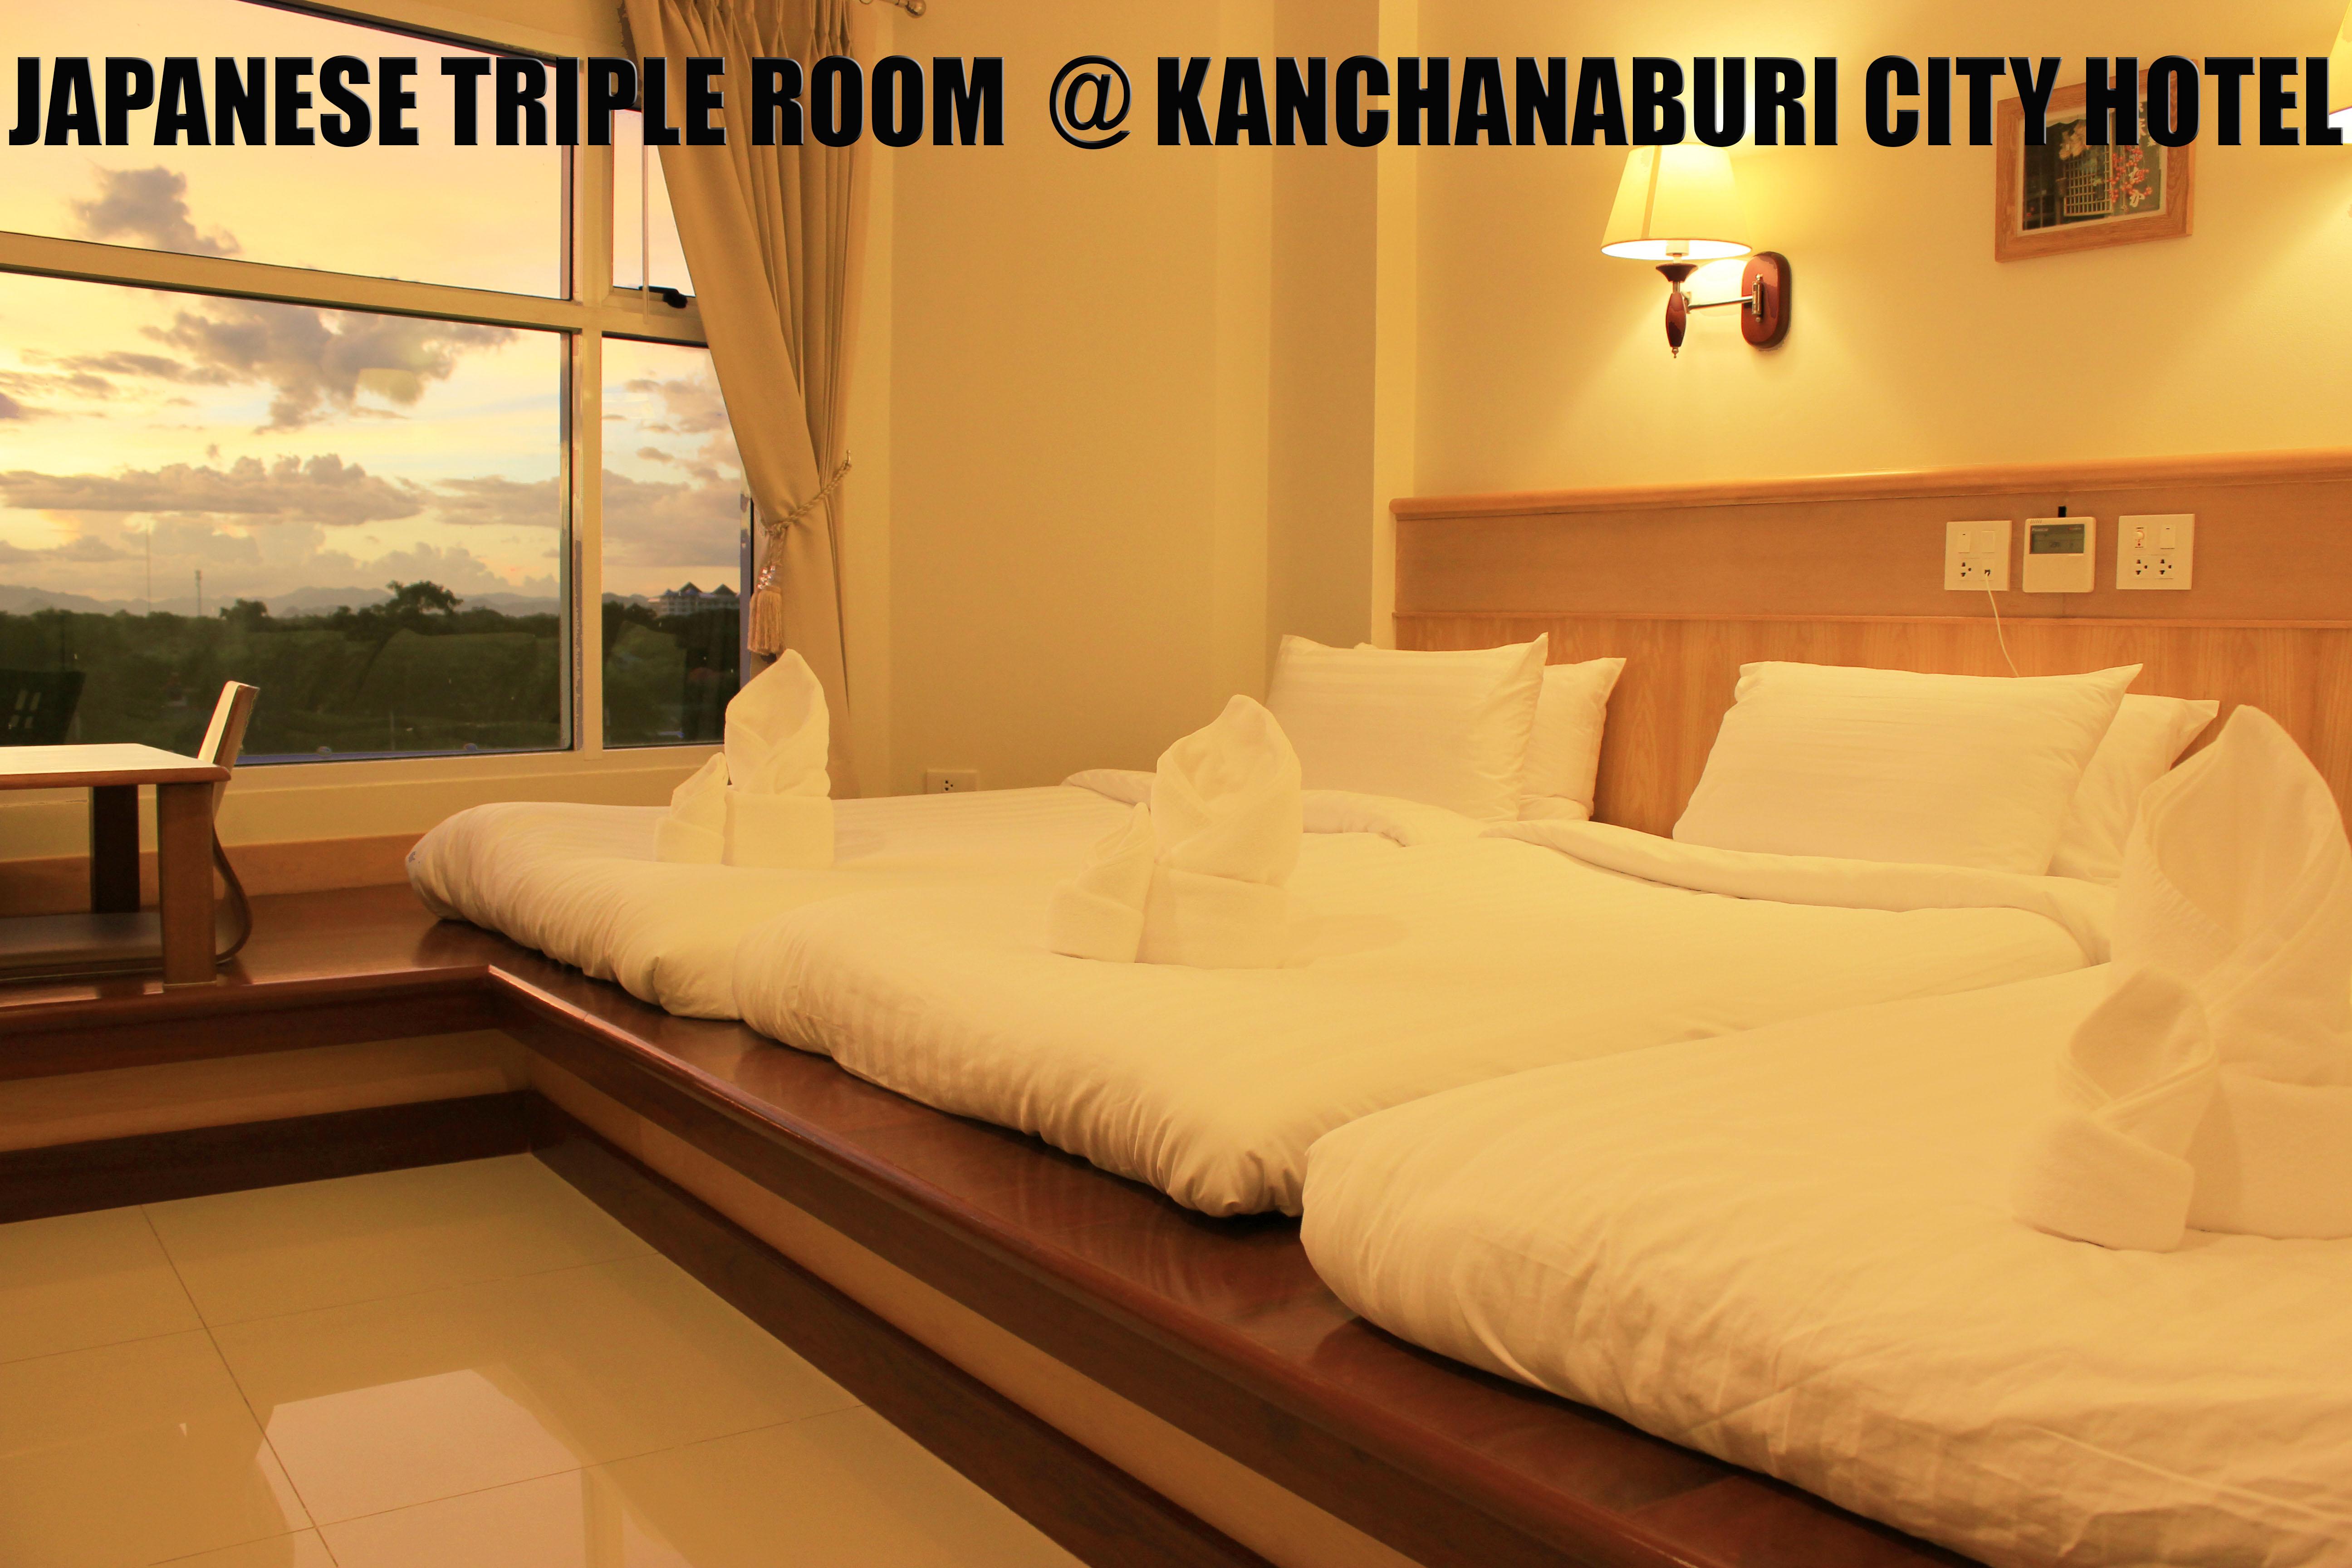 Japanese triple room